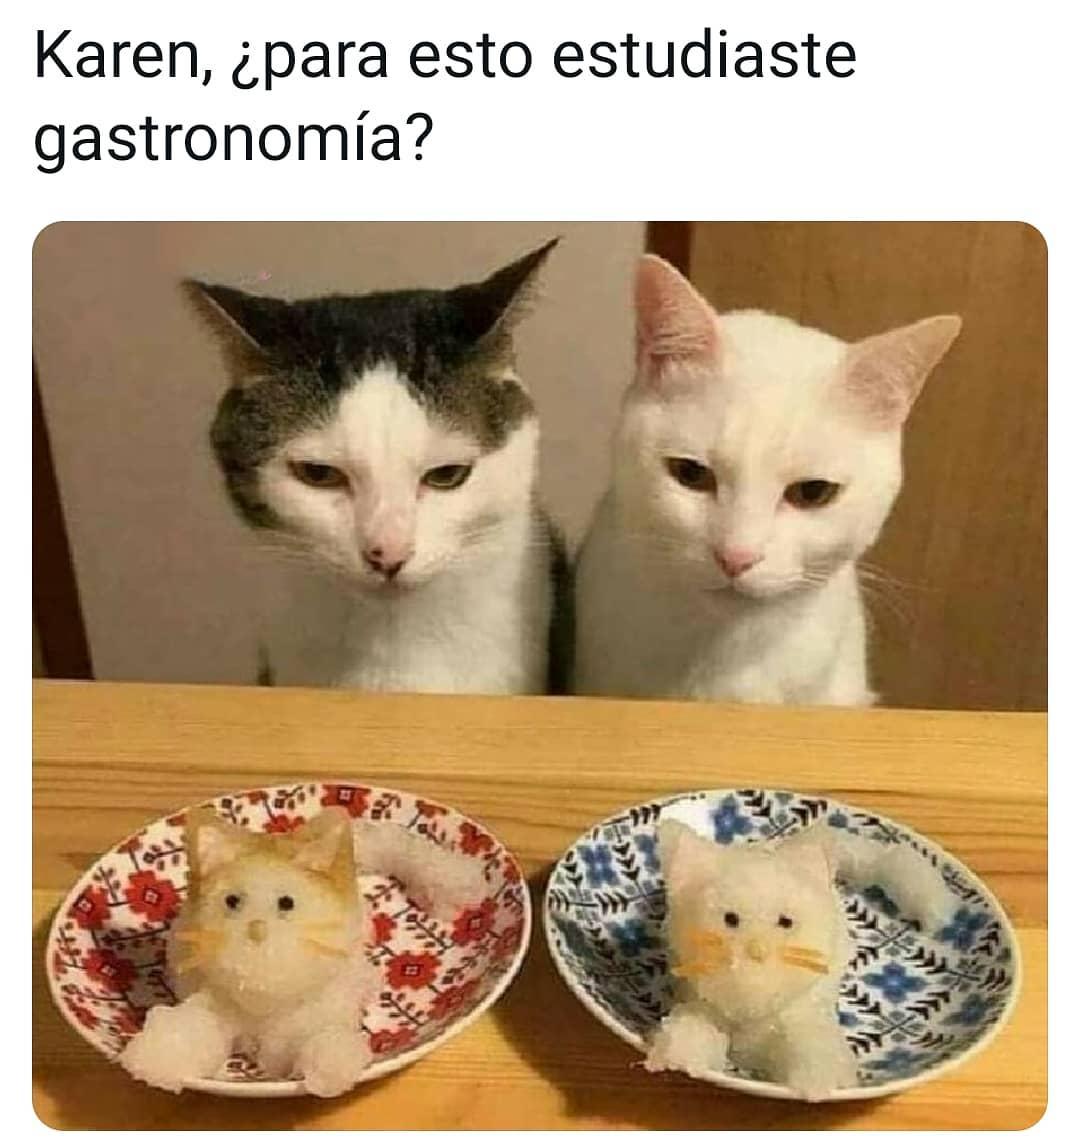 Karen, ¿para esto estudiaste gastronomía?